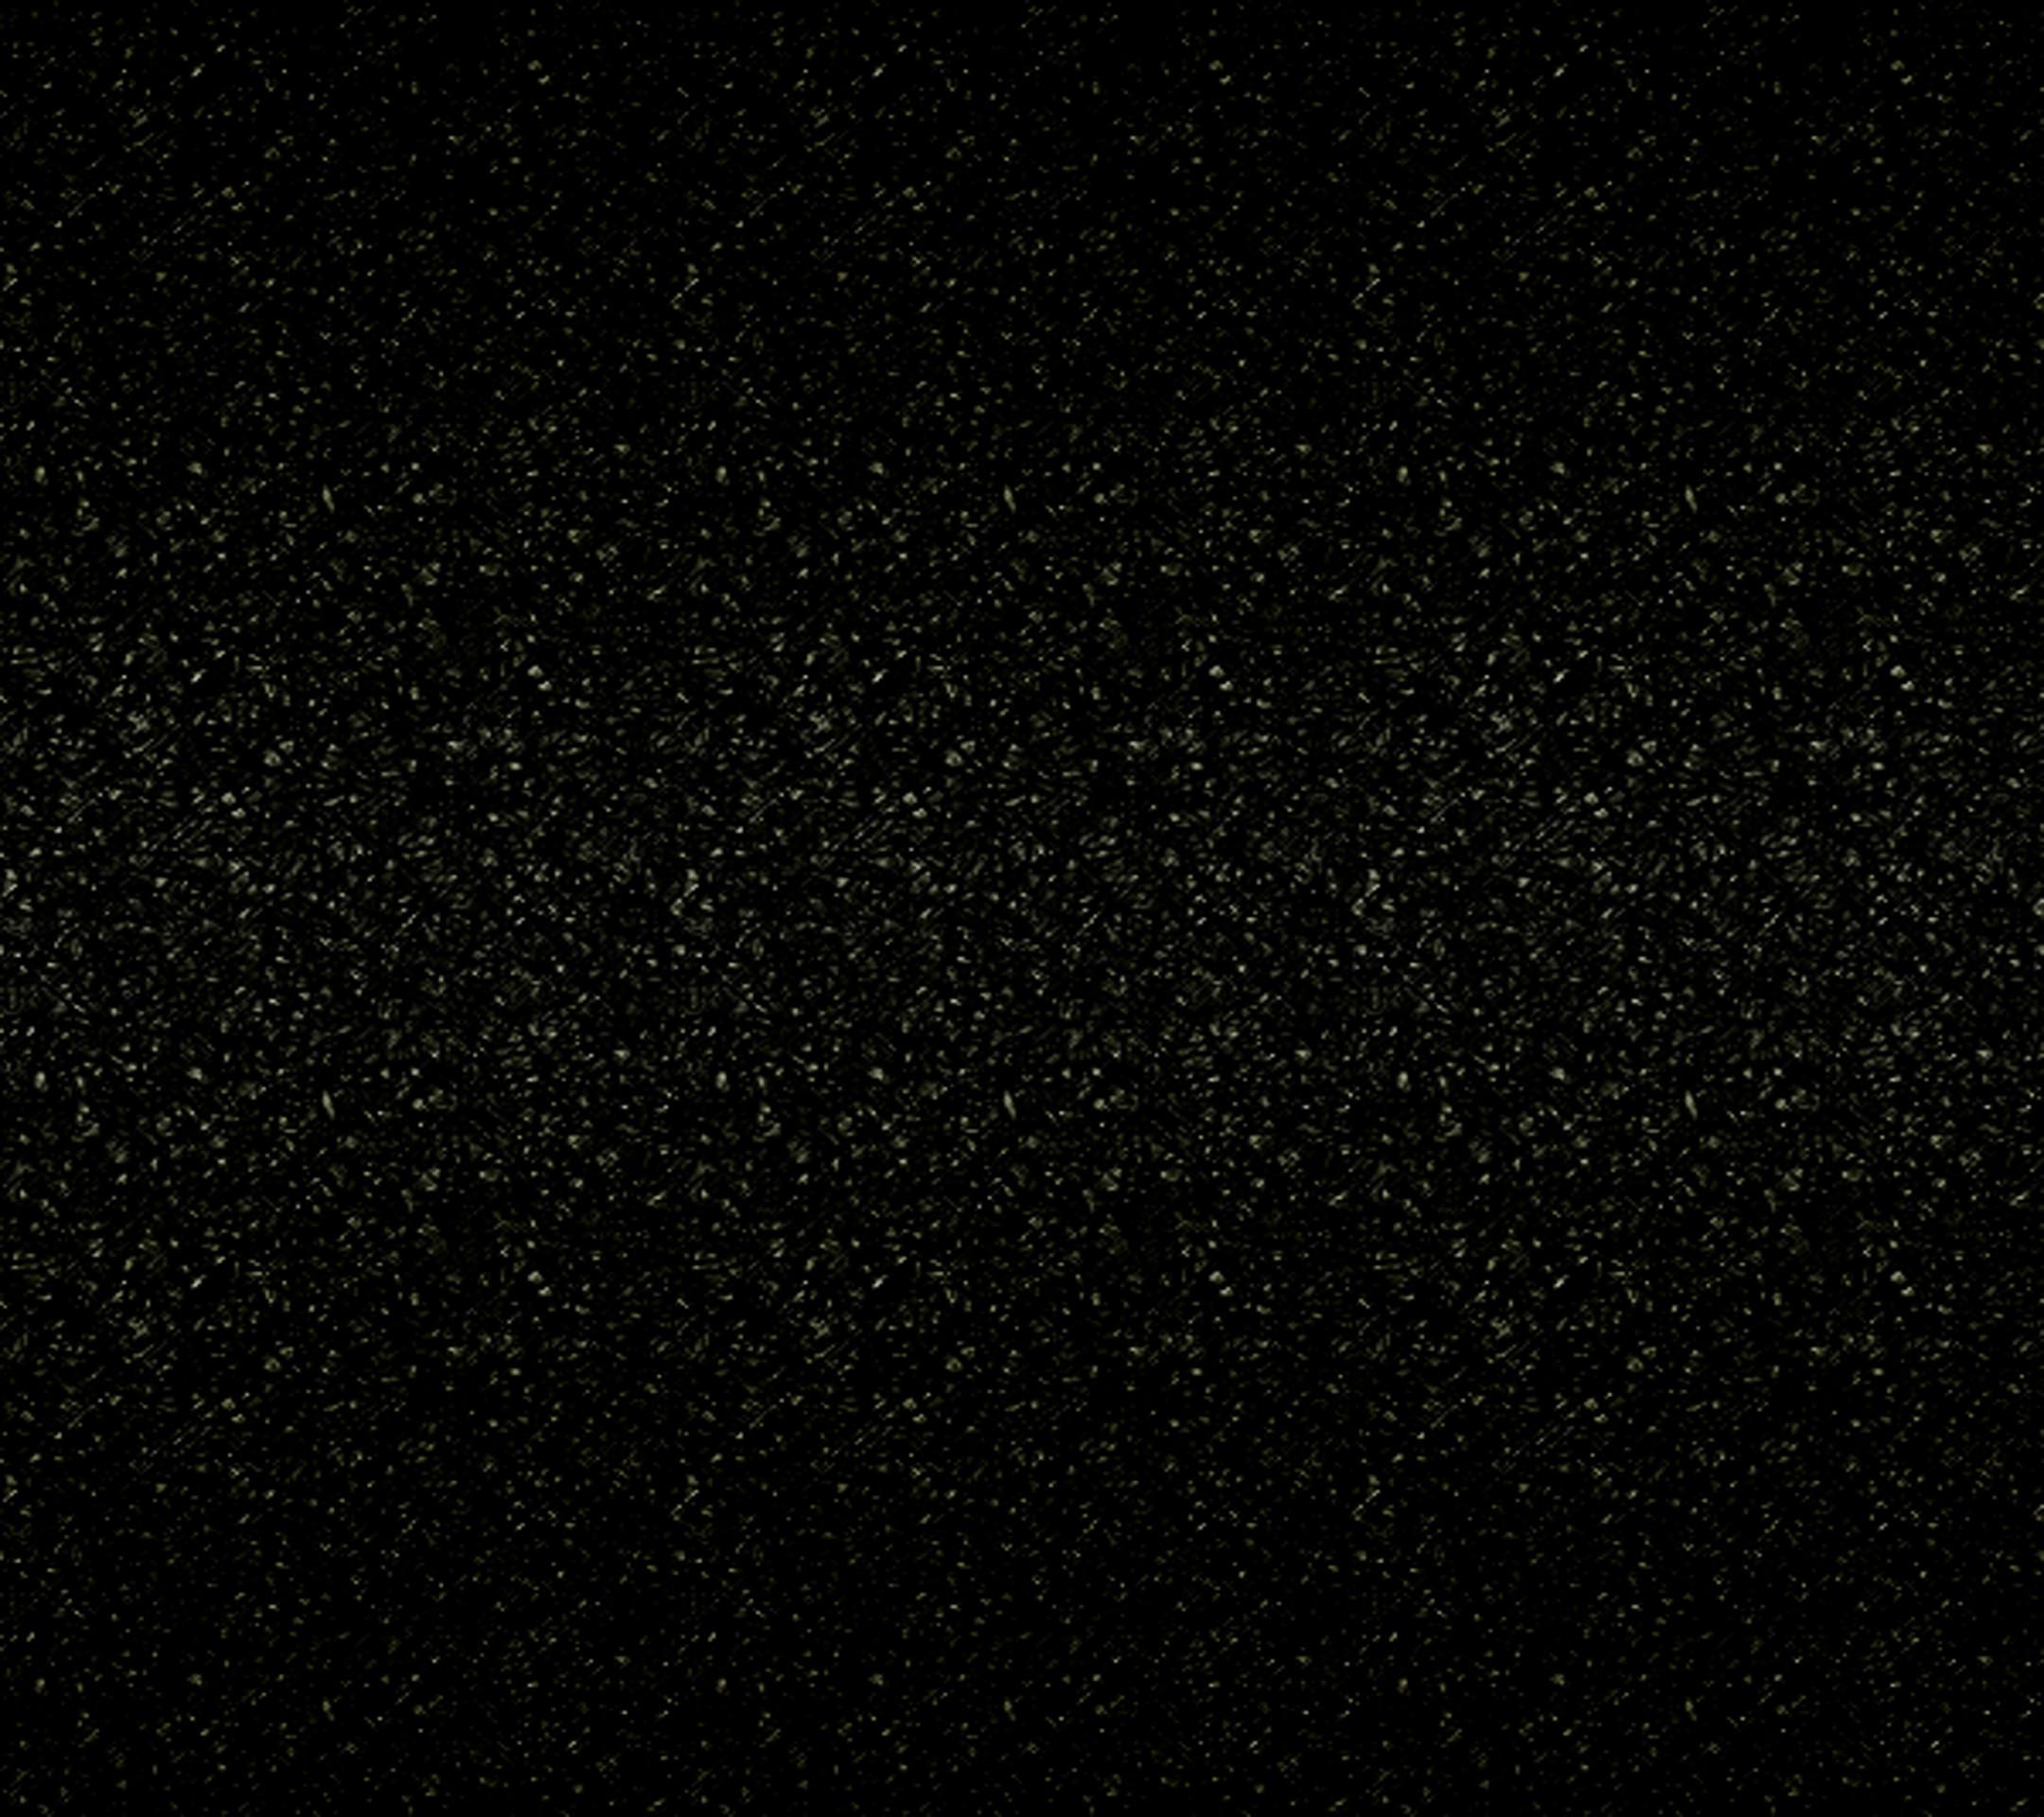 模様黒クール Wallpaper Sc スマホ壁紙